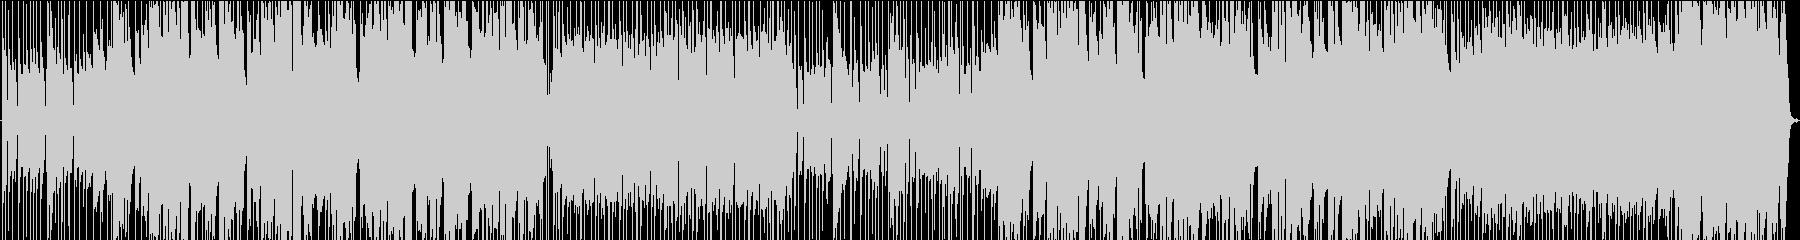 Barで流れるジャズテイスト明るいBGMの未再生の波形